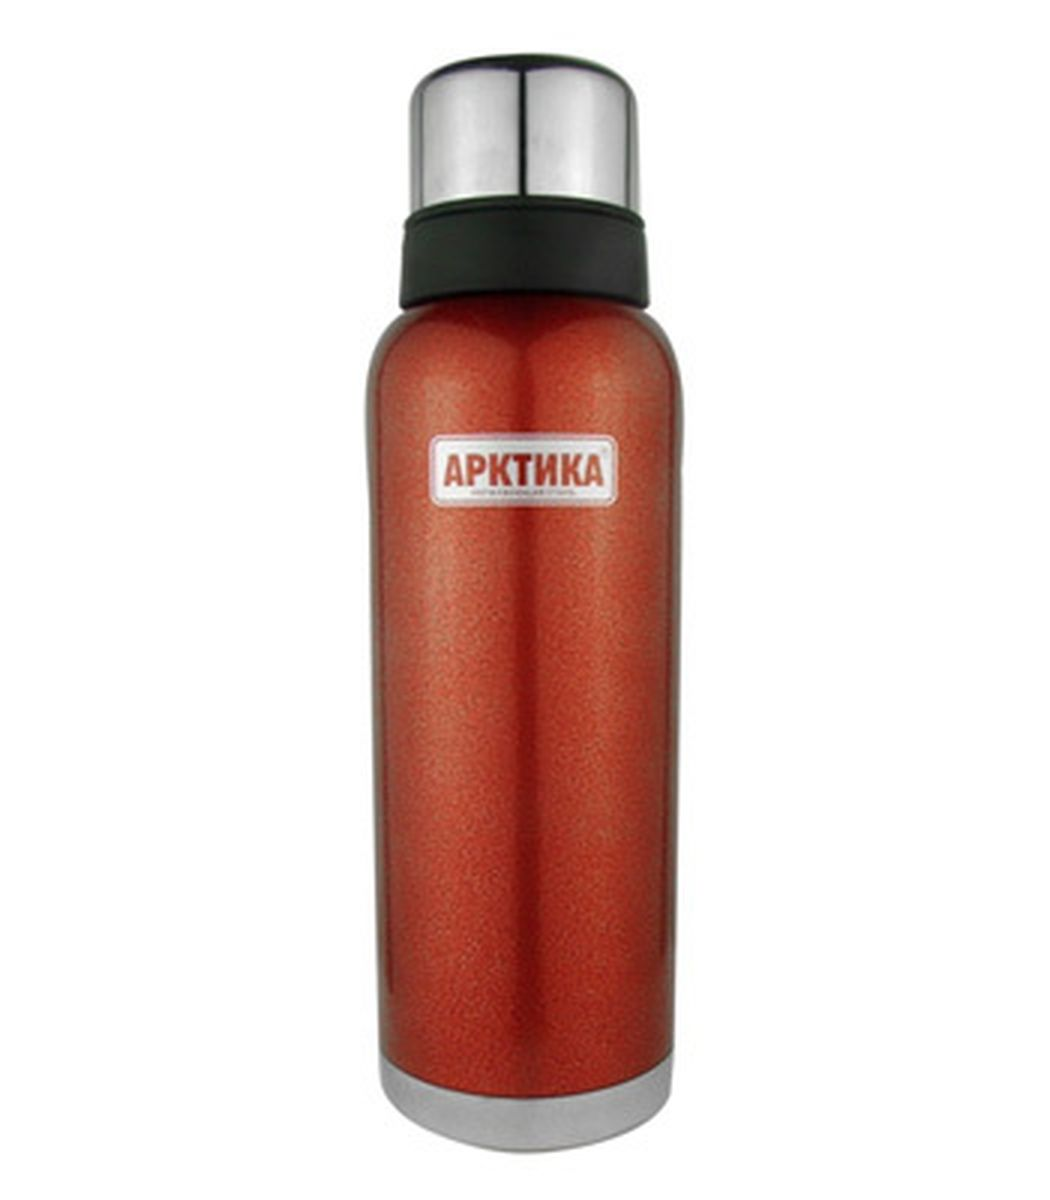 Термос Арктика, с чашей, цвет: красный, стальной, черный, 1,2 л115510Термос Арктика изготовлен из высококачественной нержавеющей стали с матовой полировкой. Двойная колба из нержавеющей стали сохраняет напитки горячими и холодными до 32 часов. В комплекте дополнительная пластиковая чашка.Удобный, компактный и практичный термос пригодится в путешествии, походе и поездке. Не рекомендуется использовать в микроволновой печи и мыть в посудомоечной машине.Диаметр горлышка: 4,5 см. Диаметр основания термоса: 9 см. Диаметр чаши (по верхнему краю): 7,5 см.высота чаши: 6 см.Диаметр крышки (по верхнему краю): 7 см.Высота крышки: 4,5 см.Высота термоса: 31 см.Время сохранения температуры (холодной и горячей): 32 часа.